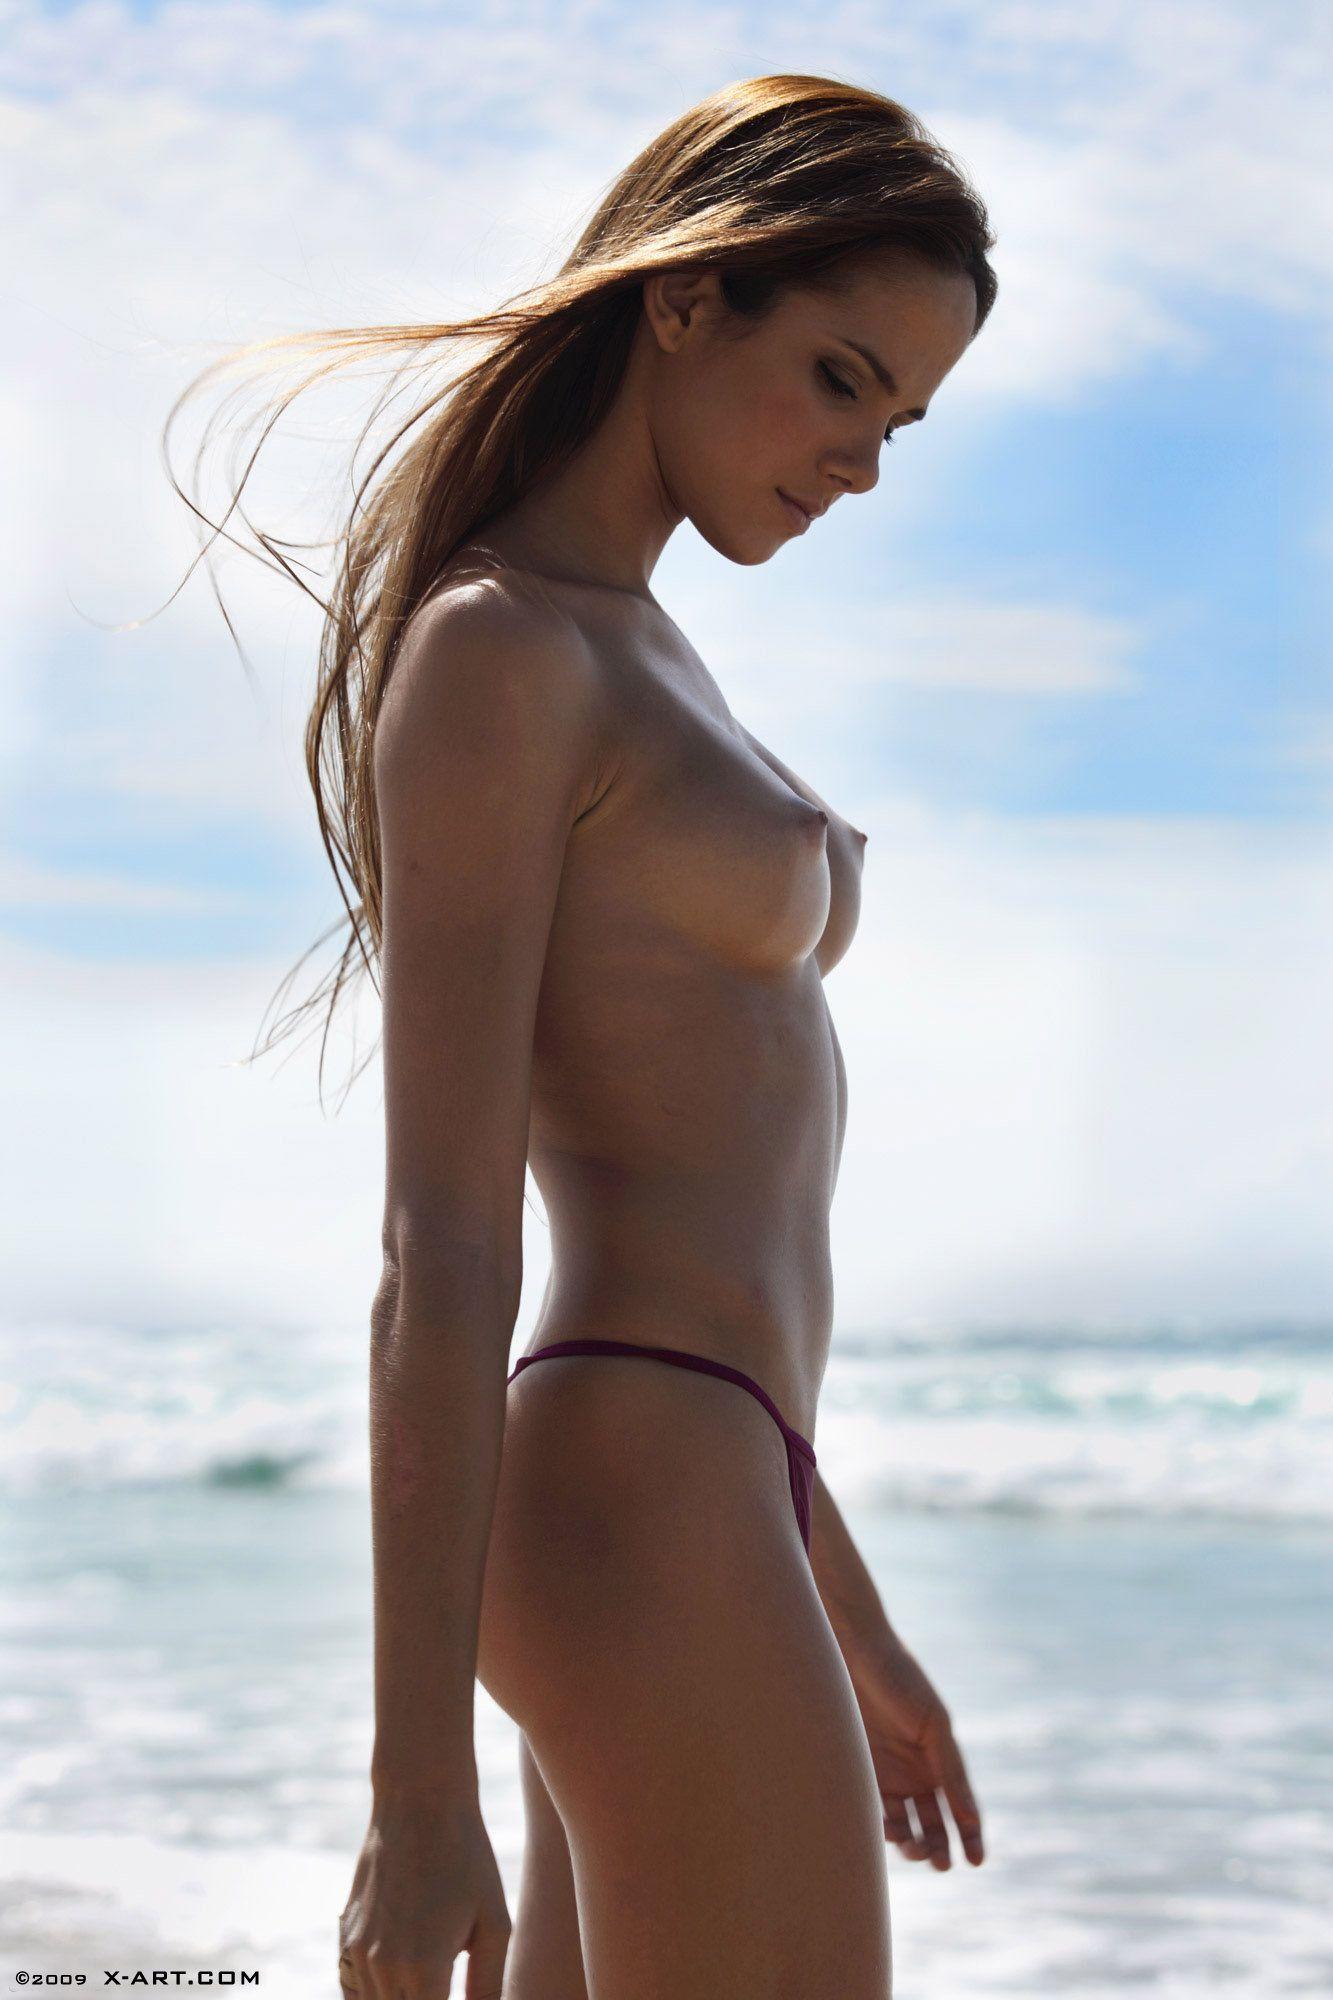 【画像あり】ヌーディストビーチの画像貼ってく  [679785272]->画像>132枚